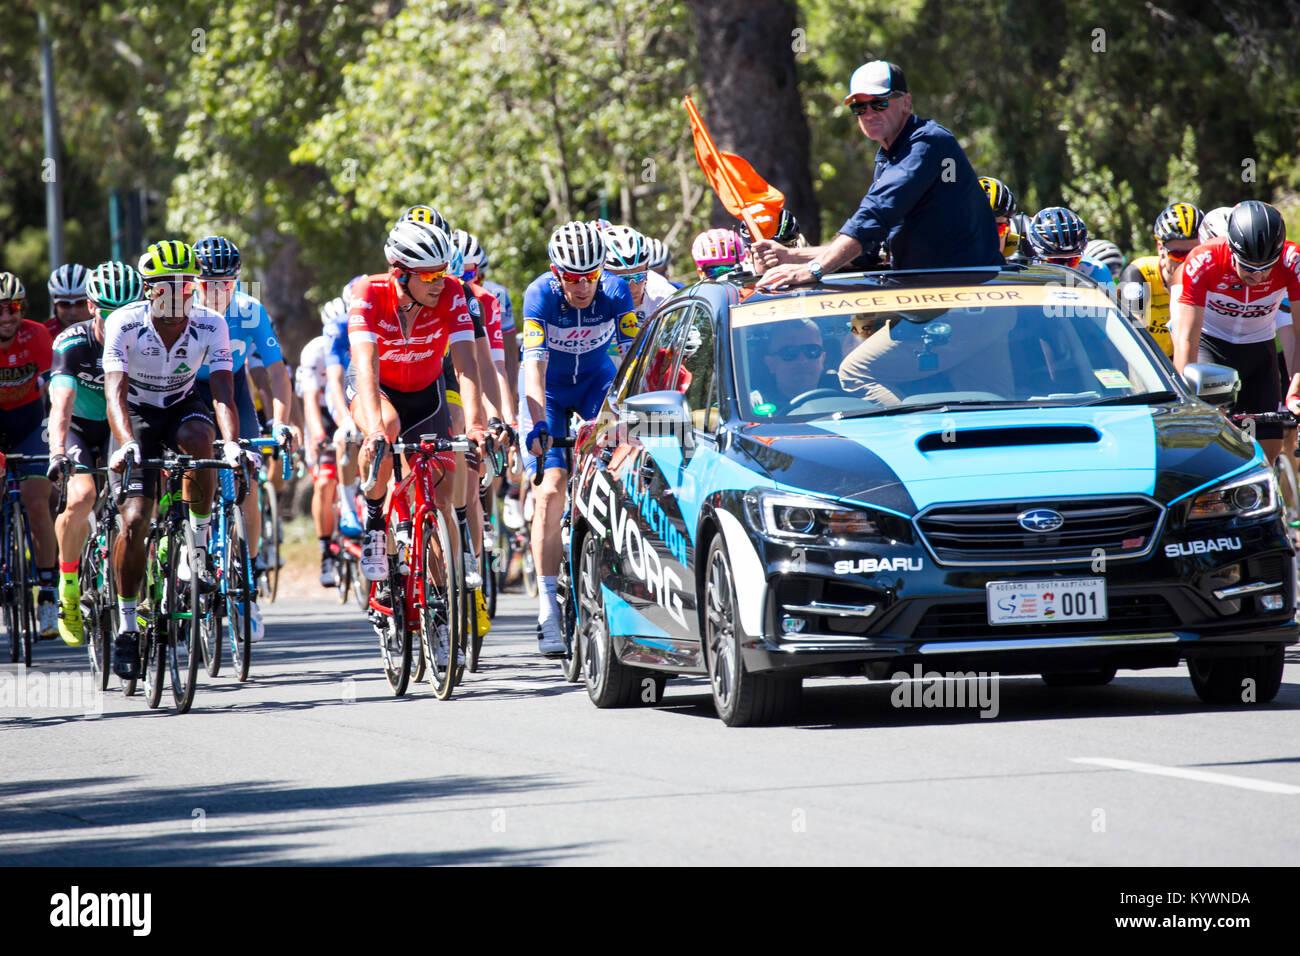 Adelaide, Australien. 17. Januar, 2017. Race Director Mike Turtur über der Stufe 2 von der Tour Down Under Radrennen Stockfoto